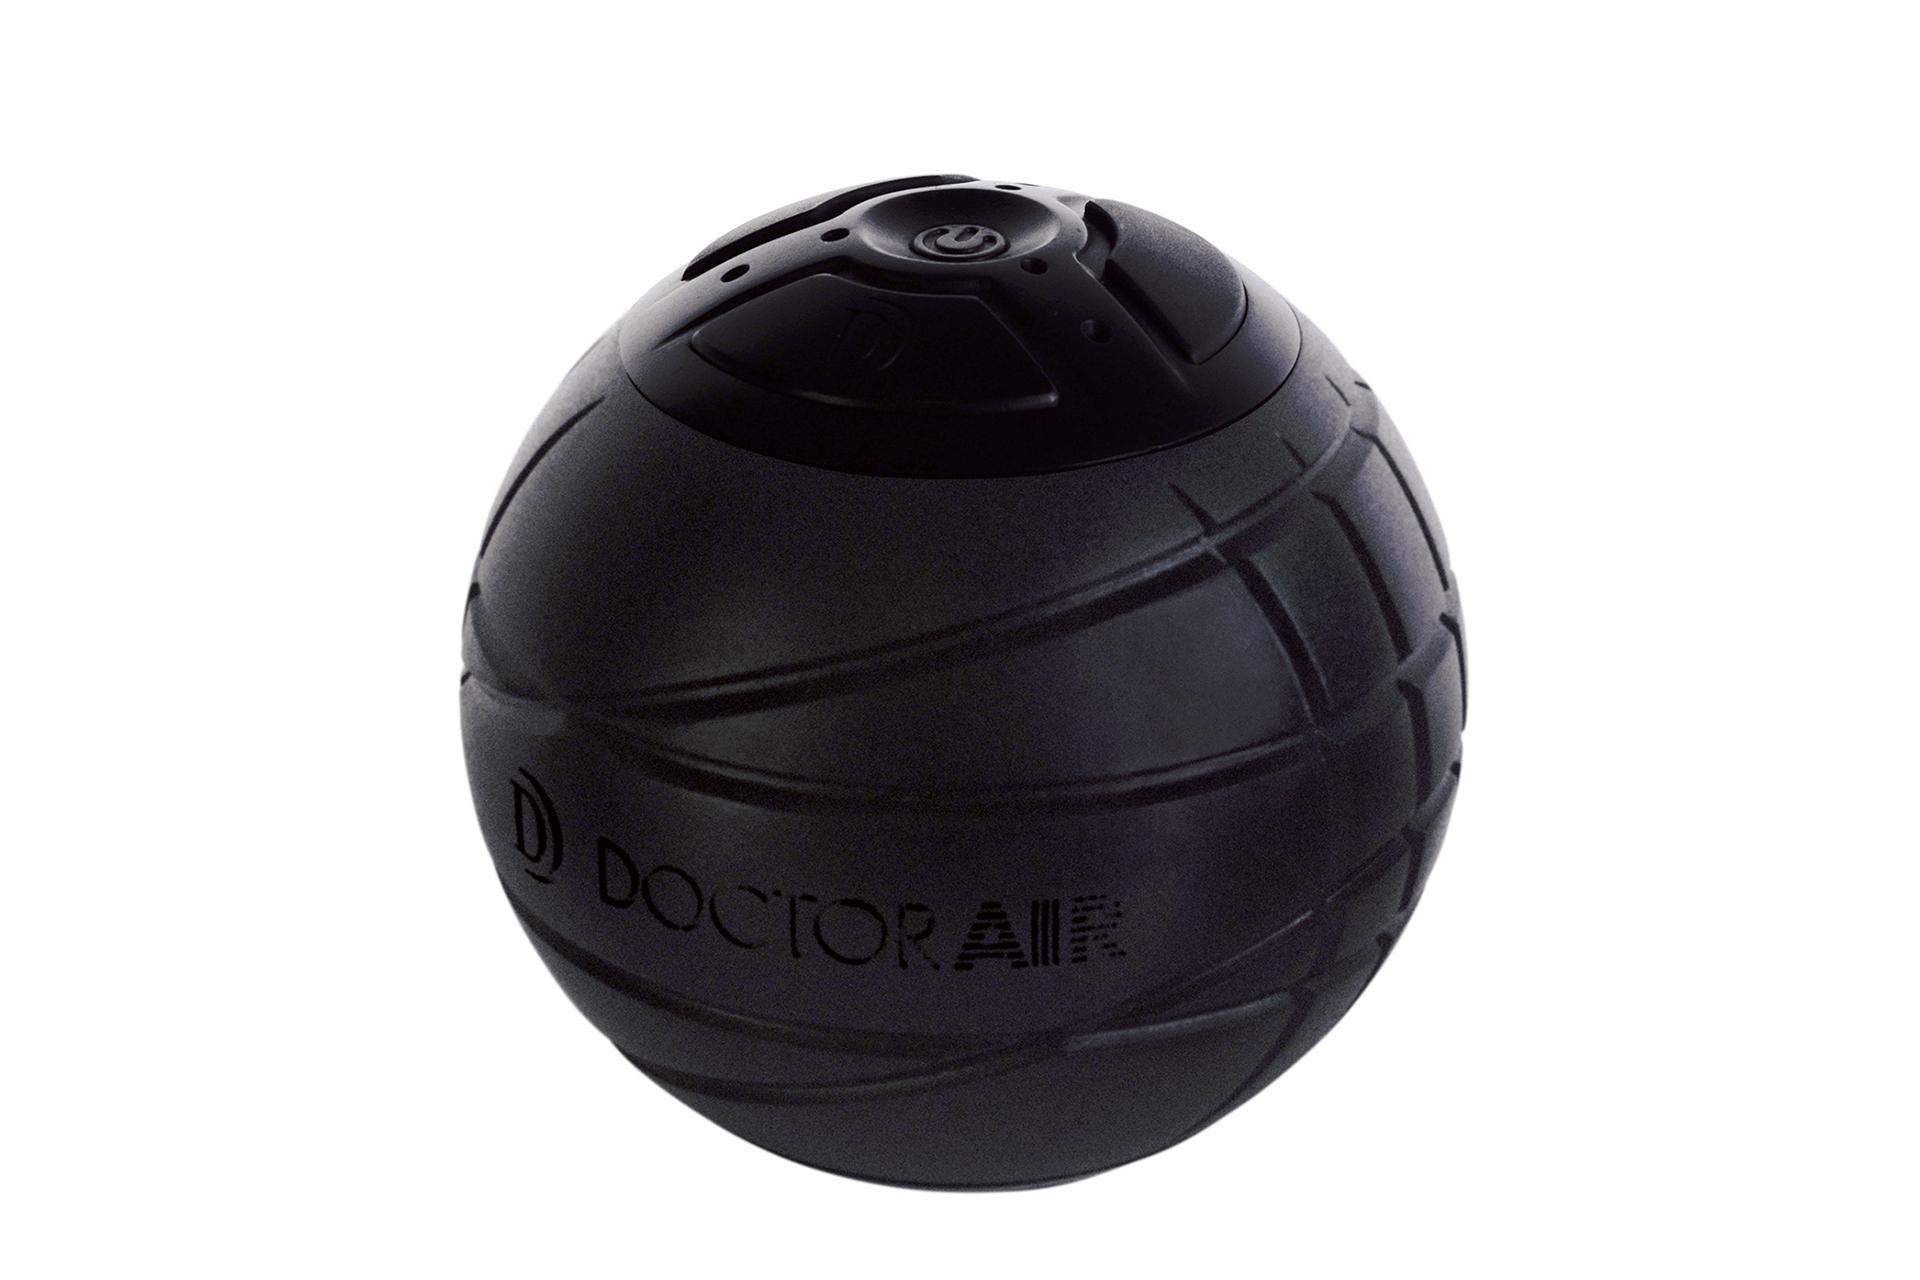 【ドクターエア 】3Dコンディショニングボール